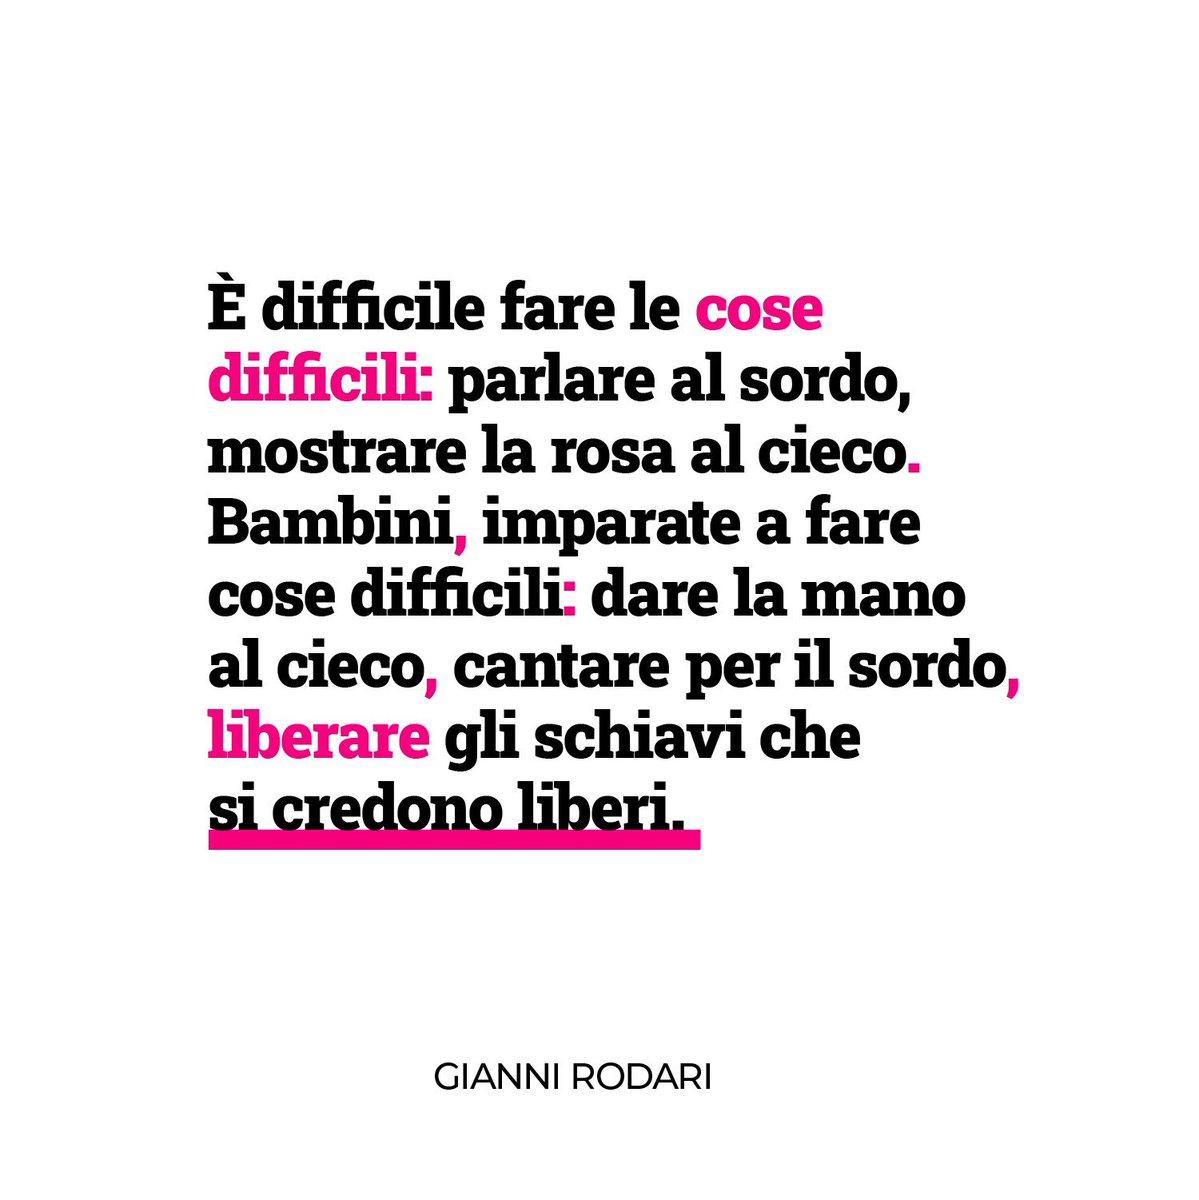 #GianniRodari